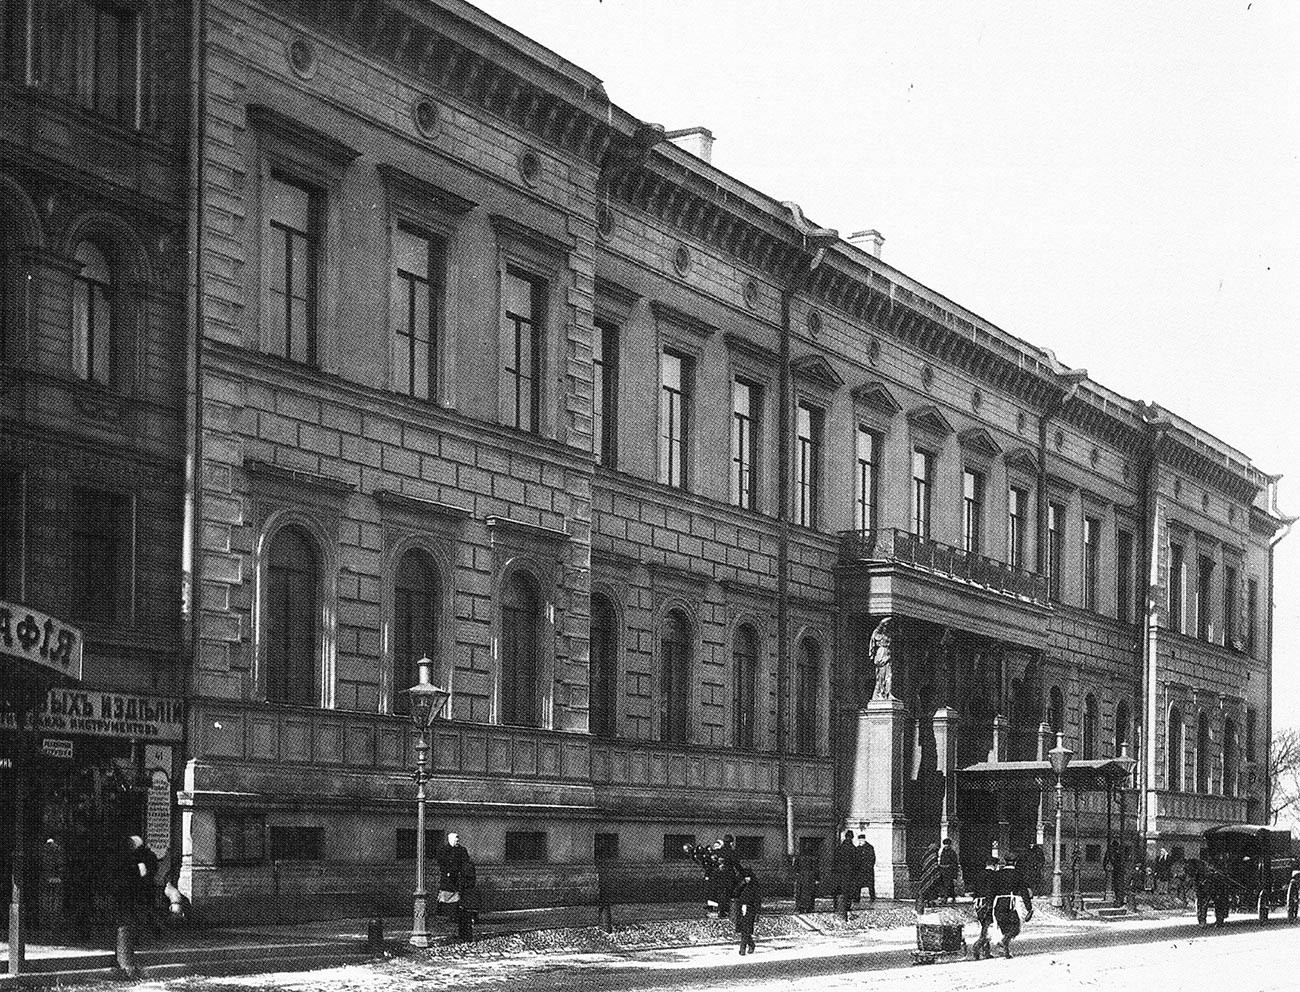 Gedung Kementerian Urusan Istana dan Lahan Kekaisaran di Sankt Peterburg. Di sinilah, uang keluarga kekaisaran diurus.